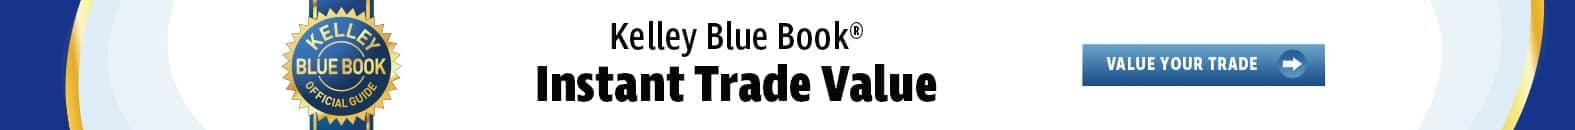 KBB Buy Back | Bert Ogden Auto Outlet | Mission, TX